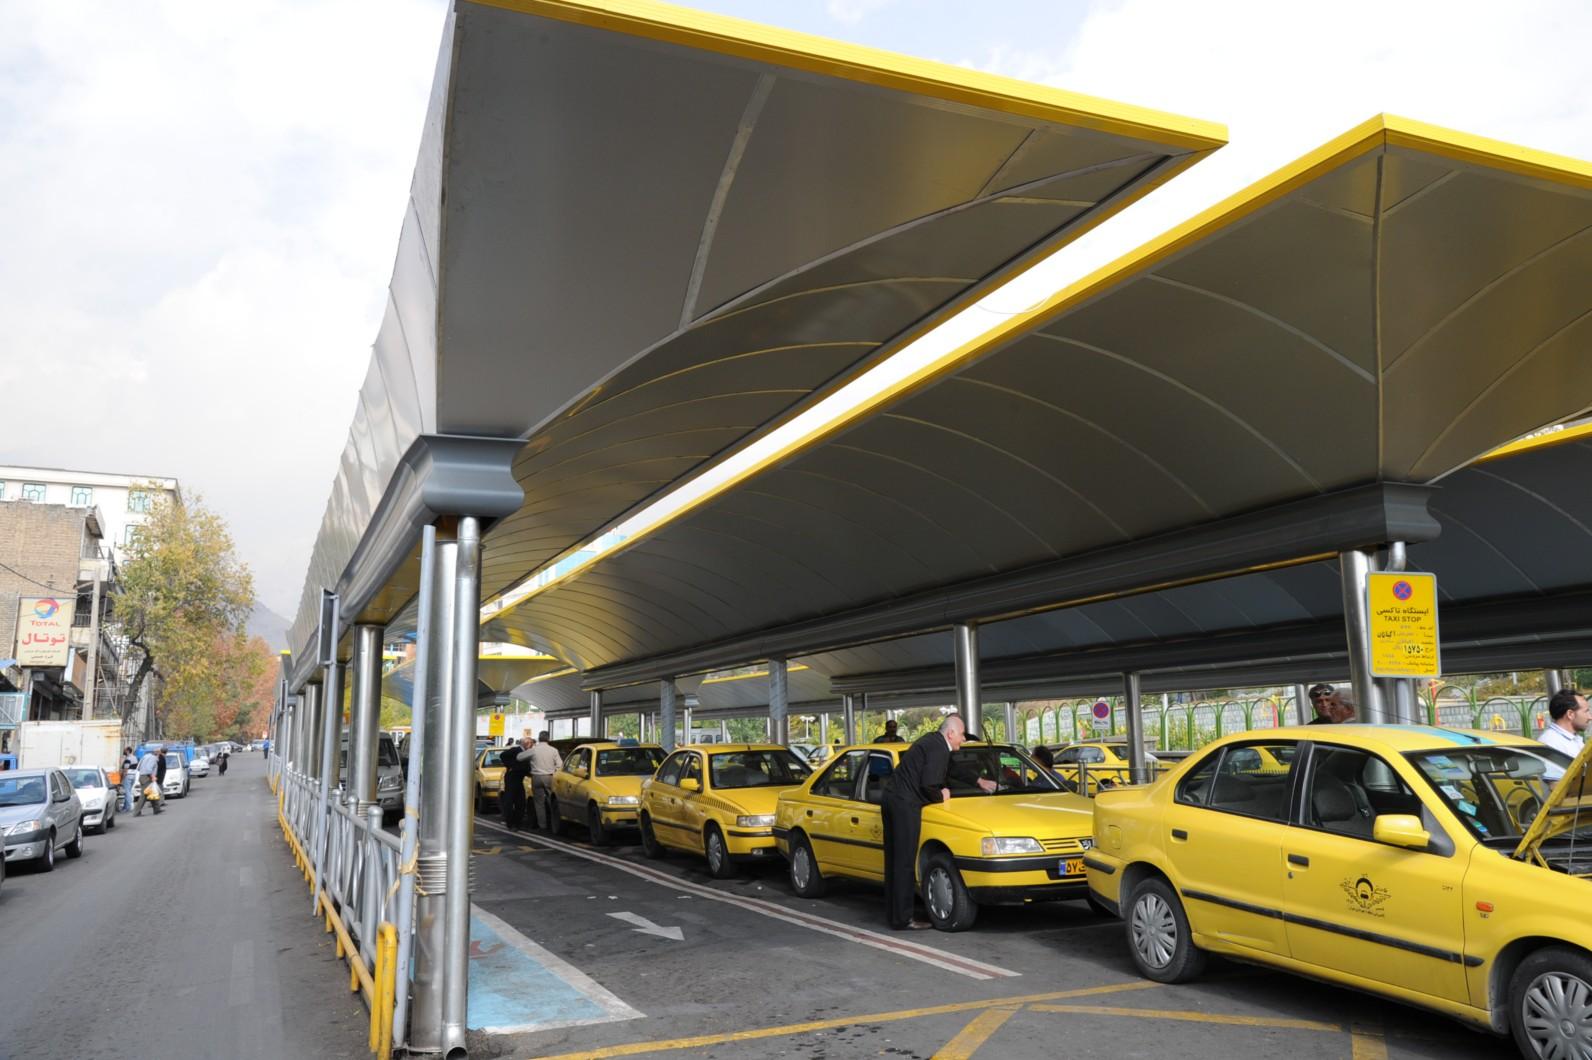 شمارش معکوس برای گران شدن کرایه تاکسی ها/کرایه ها چقدر گران می شود؟